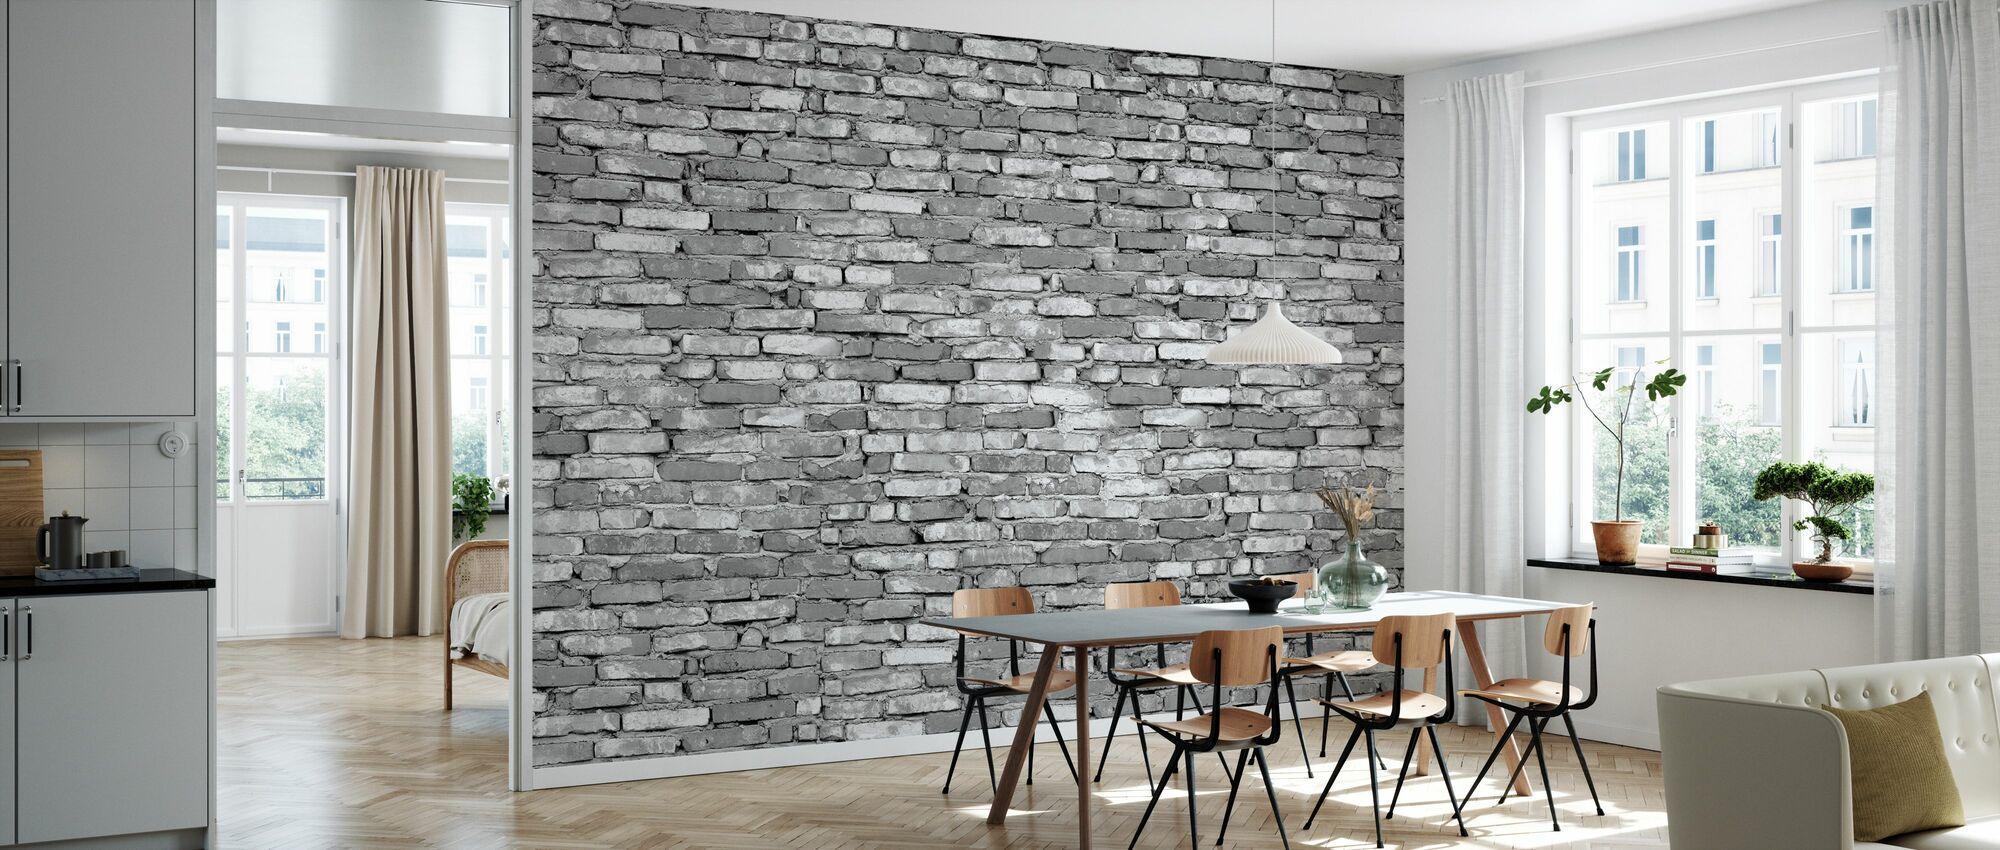 Old Brick Wall - Grey - Wallpaper - Kitchen